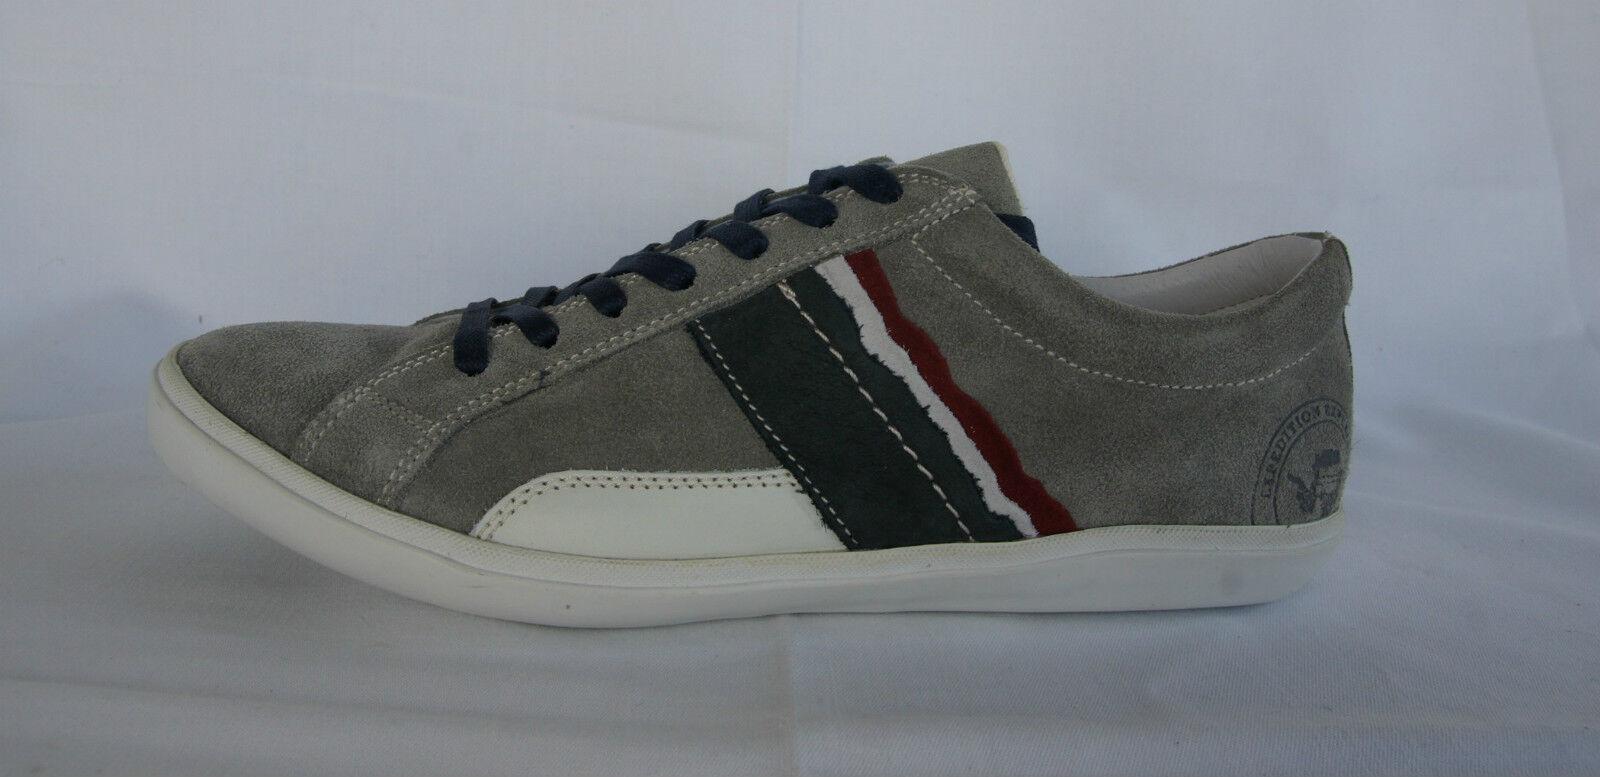 Napapijri talla 41 7 zapatillas schnürzapatos sven zapatos gris nuevo ex. PVP